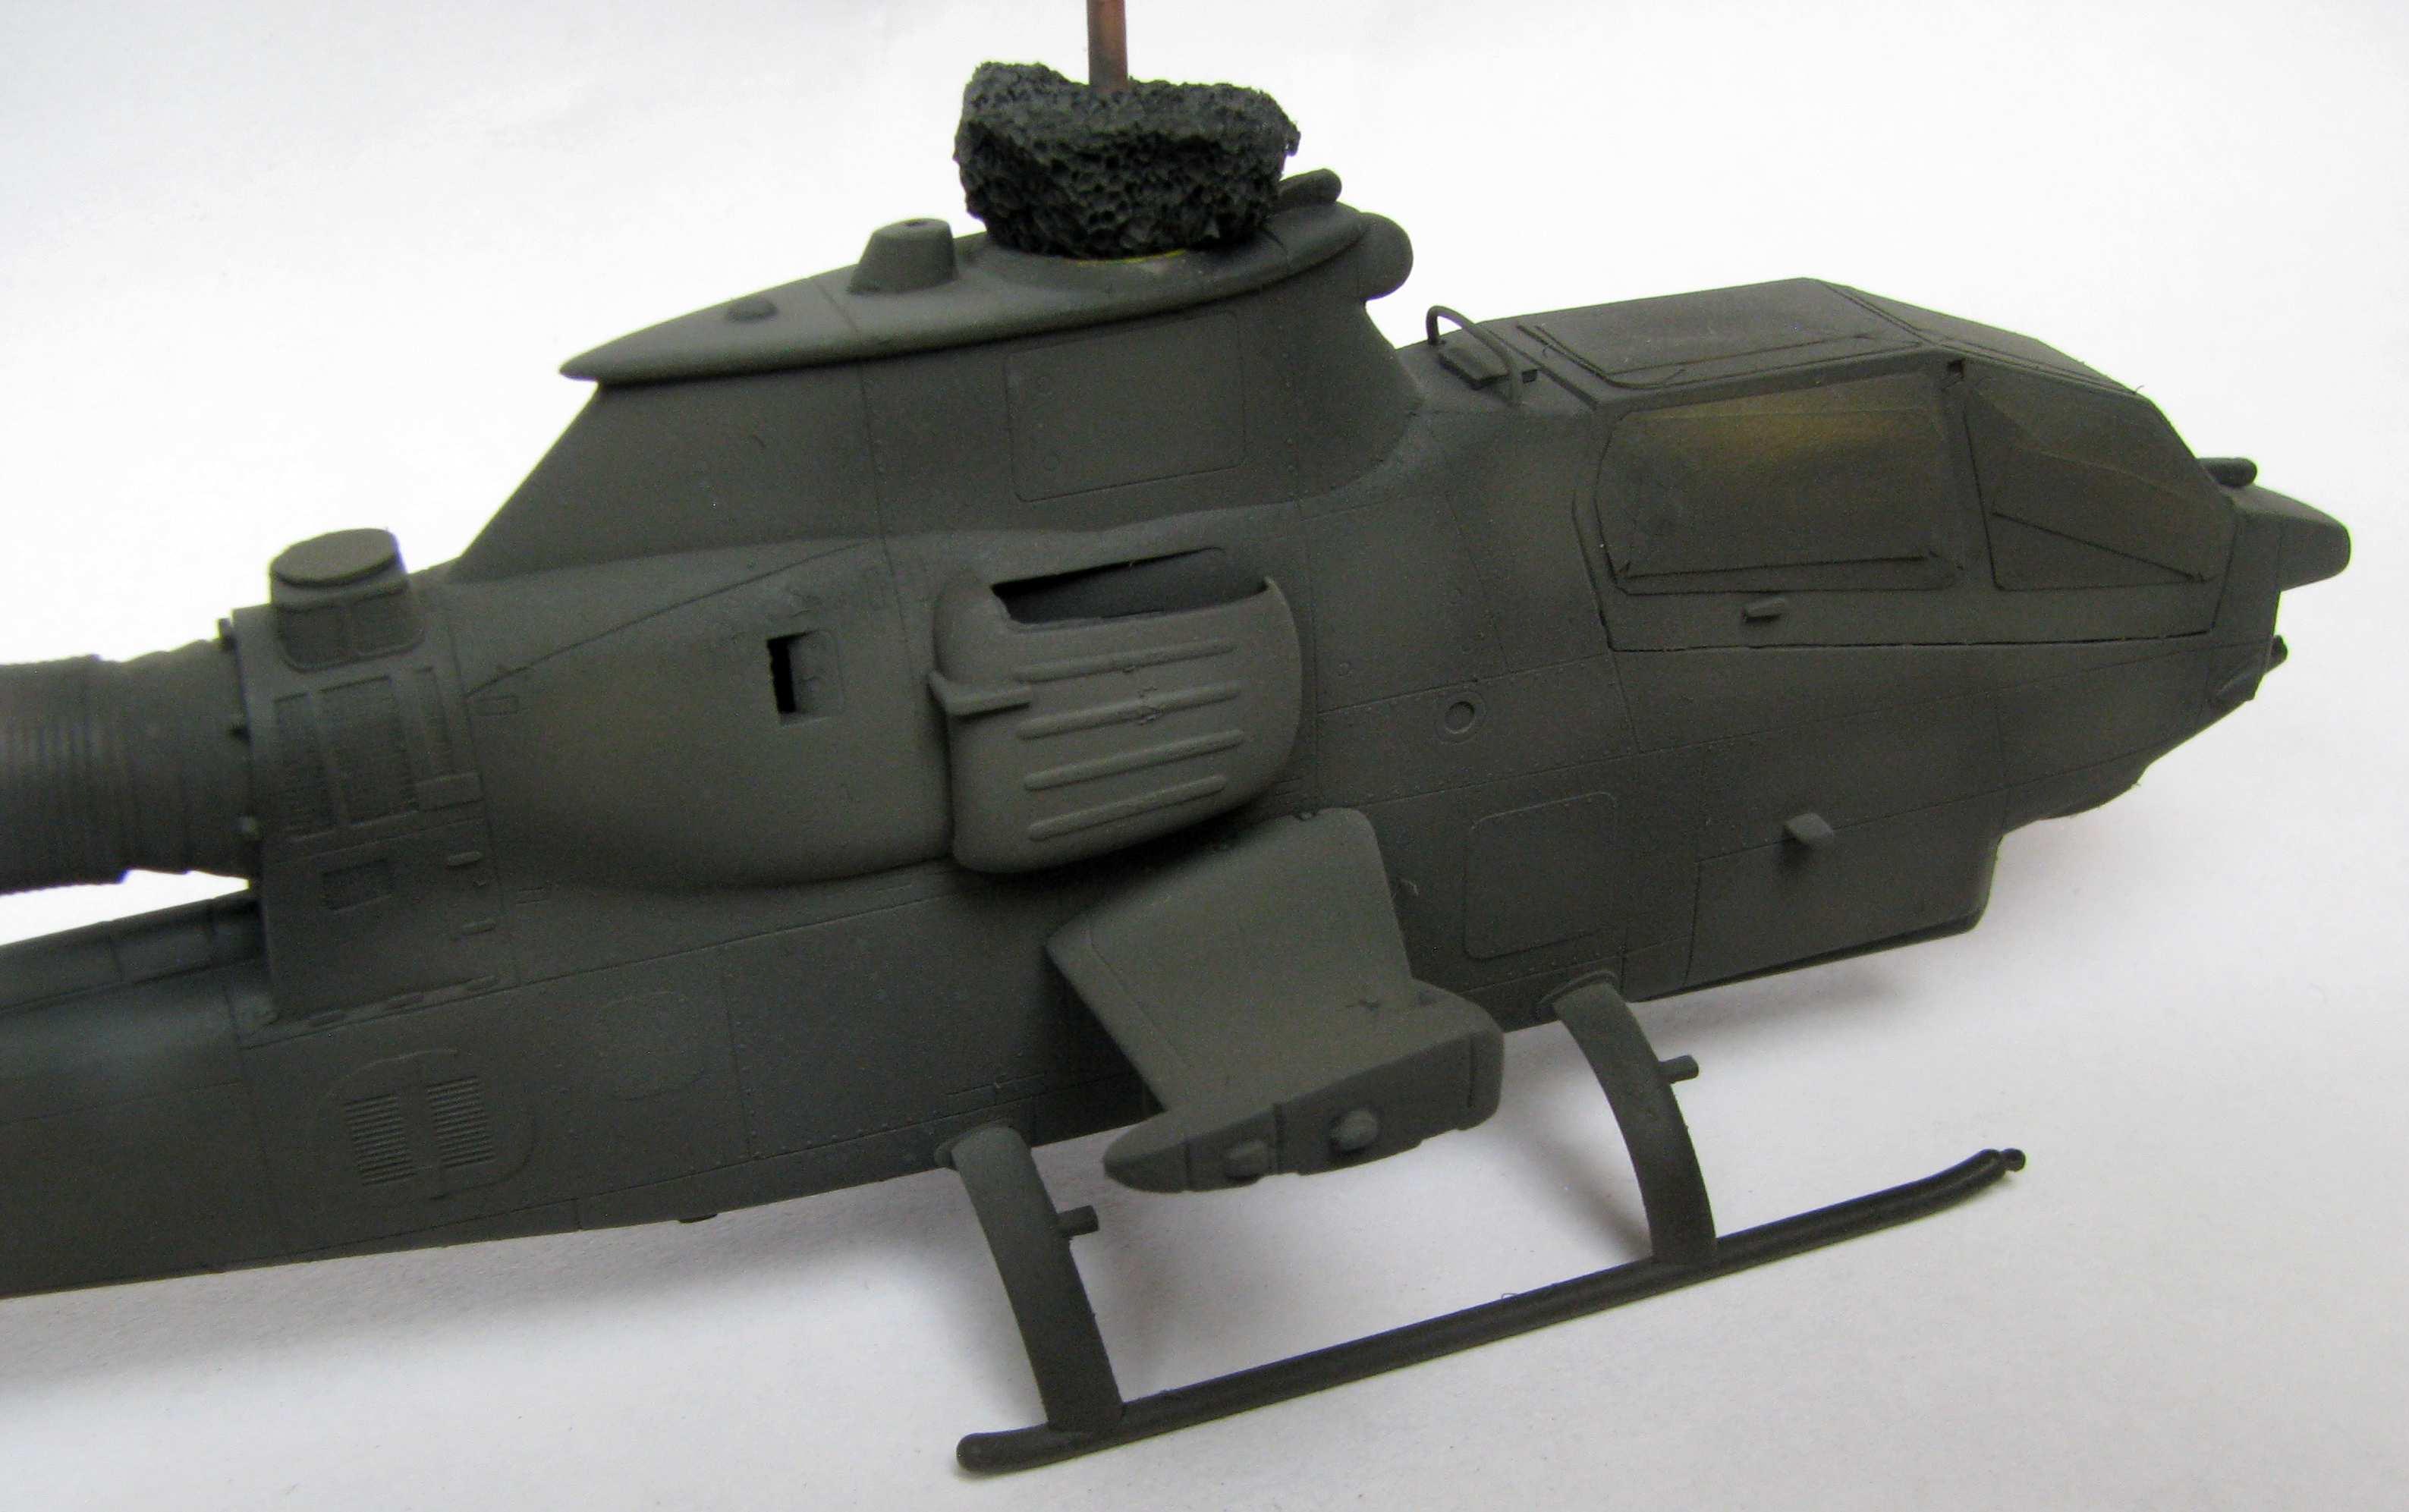 1:72 Hasegawa AH-1S by Pawel